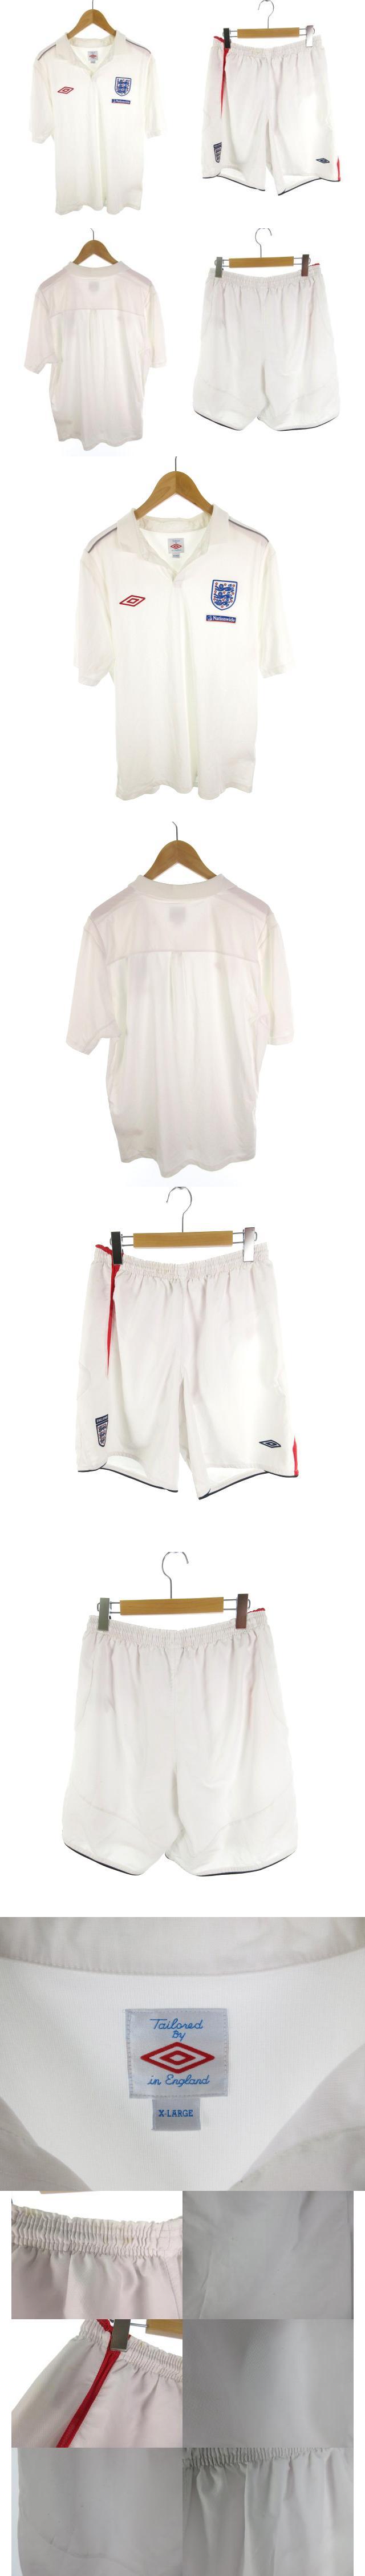 Nationwide 上下 セットアップ 半袖 シャツ Tシャツ ハーフパンツ ショート ショーツ 白 ホワイト XL サッカー ウエア